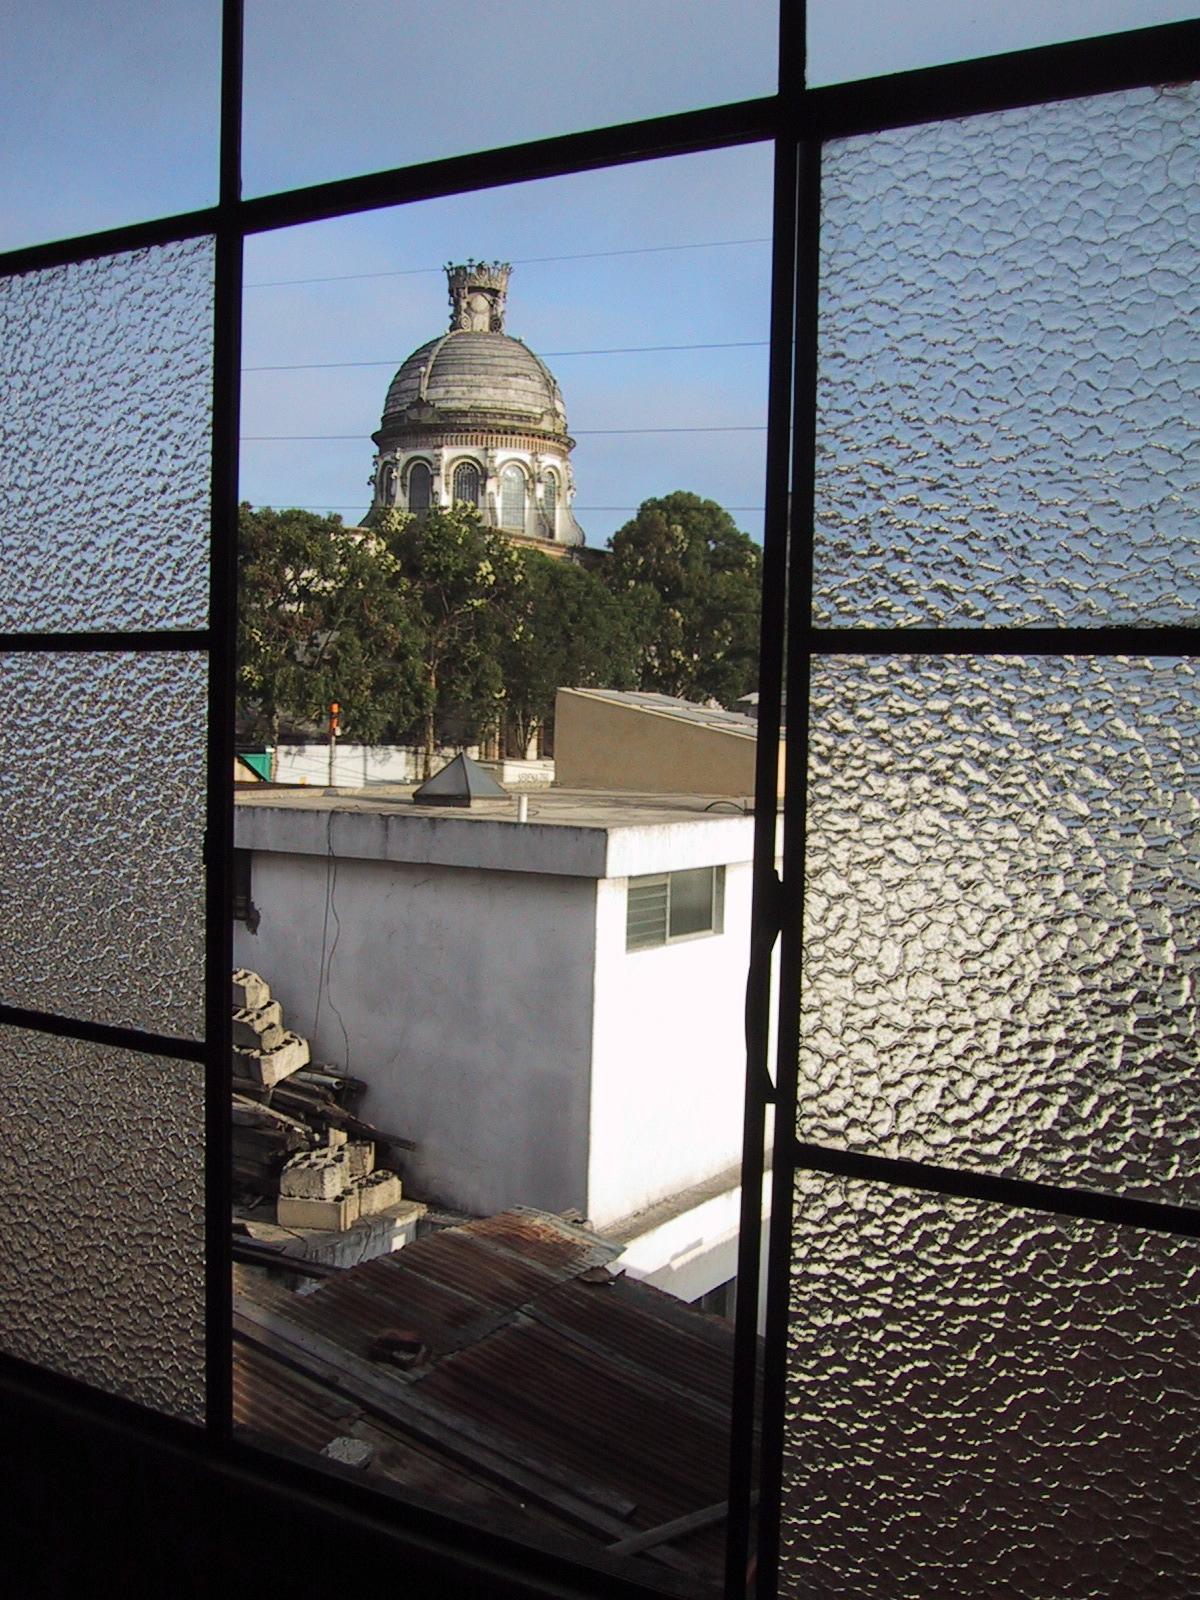 Guatemala_Paul_Pitcher_134Guatewindow.jpg